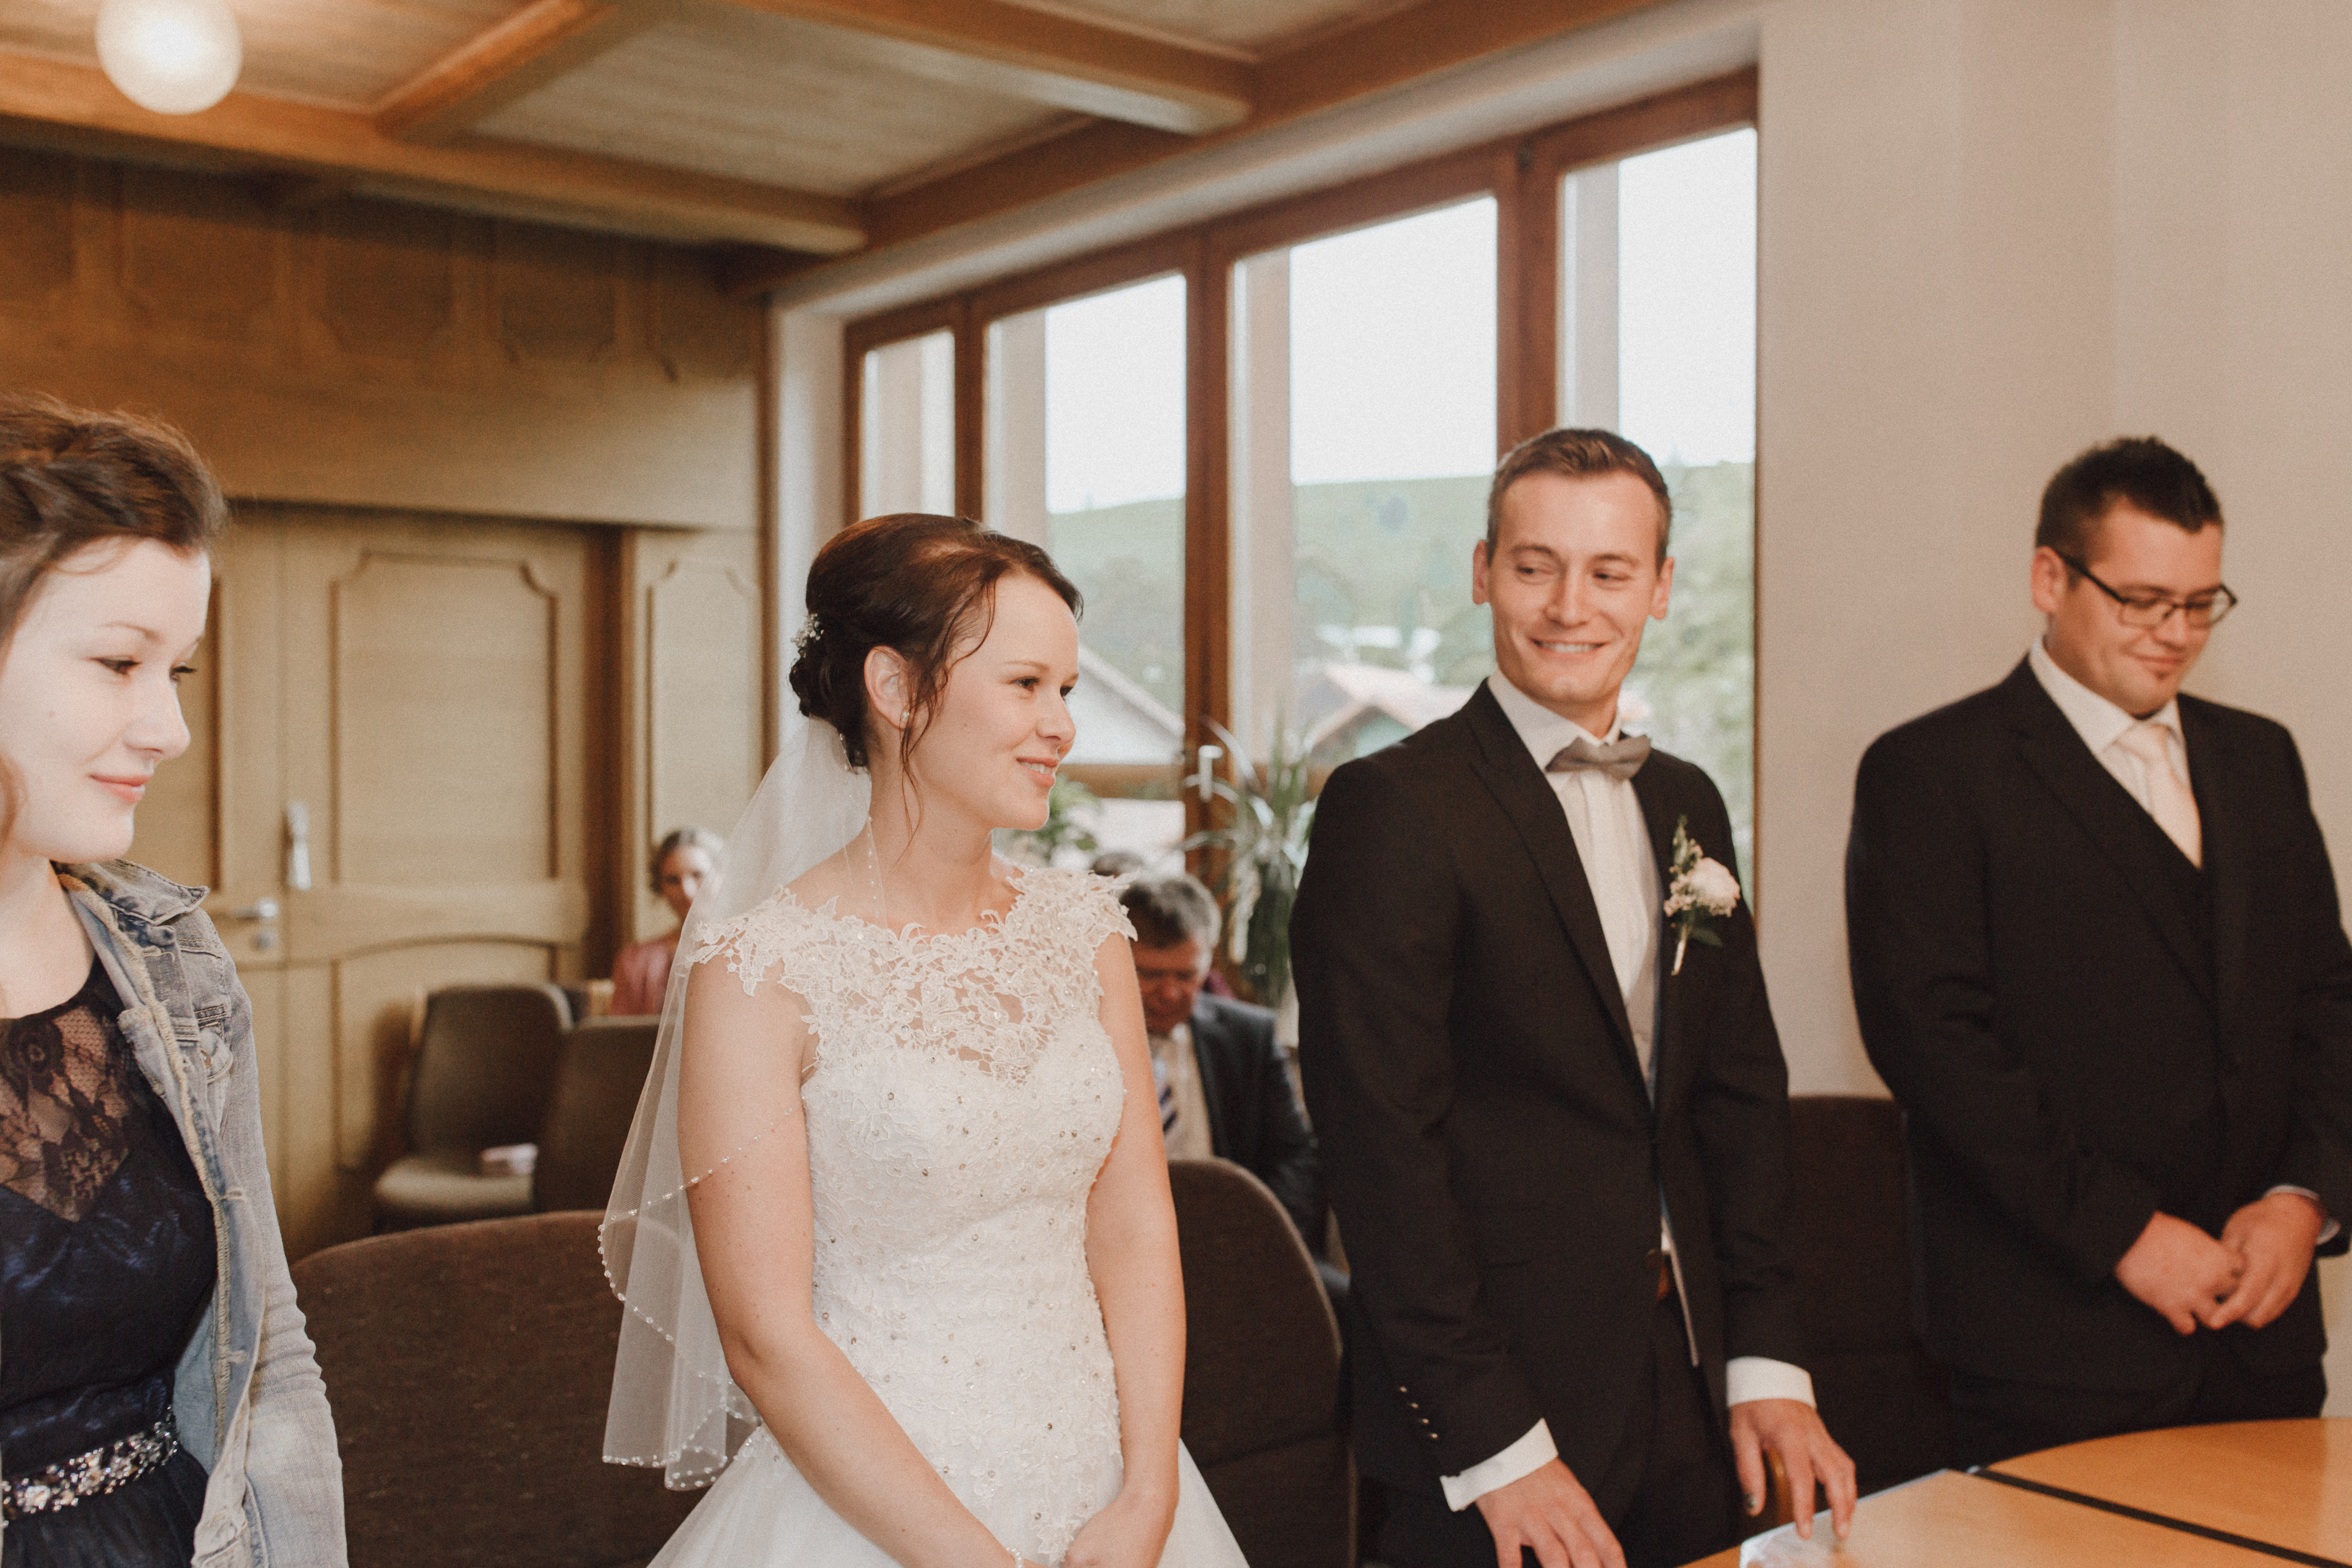 URBANERIE_Daniela_Goth_Hochzeitsfotografin_Nürnberg_Fürth_Erlangen_Schwabach_170909_0039